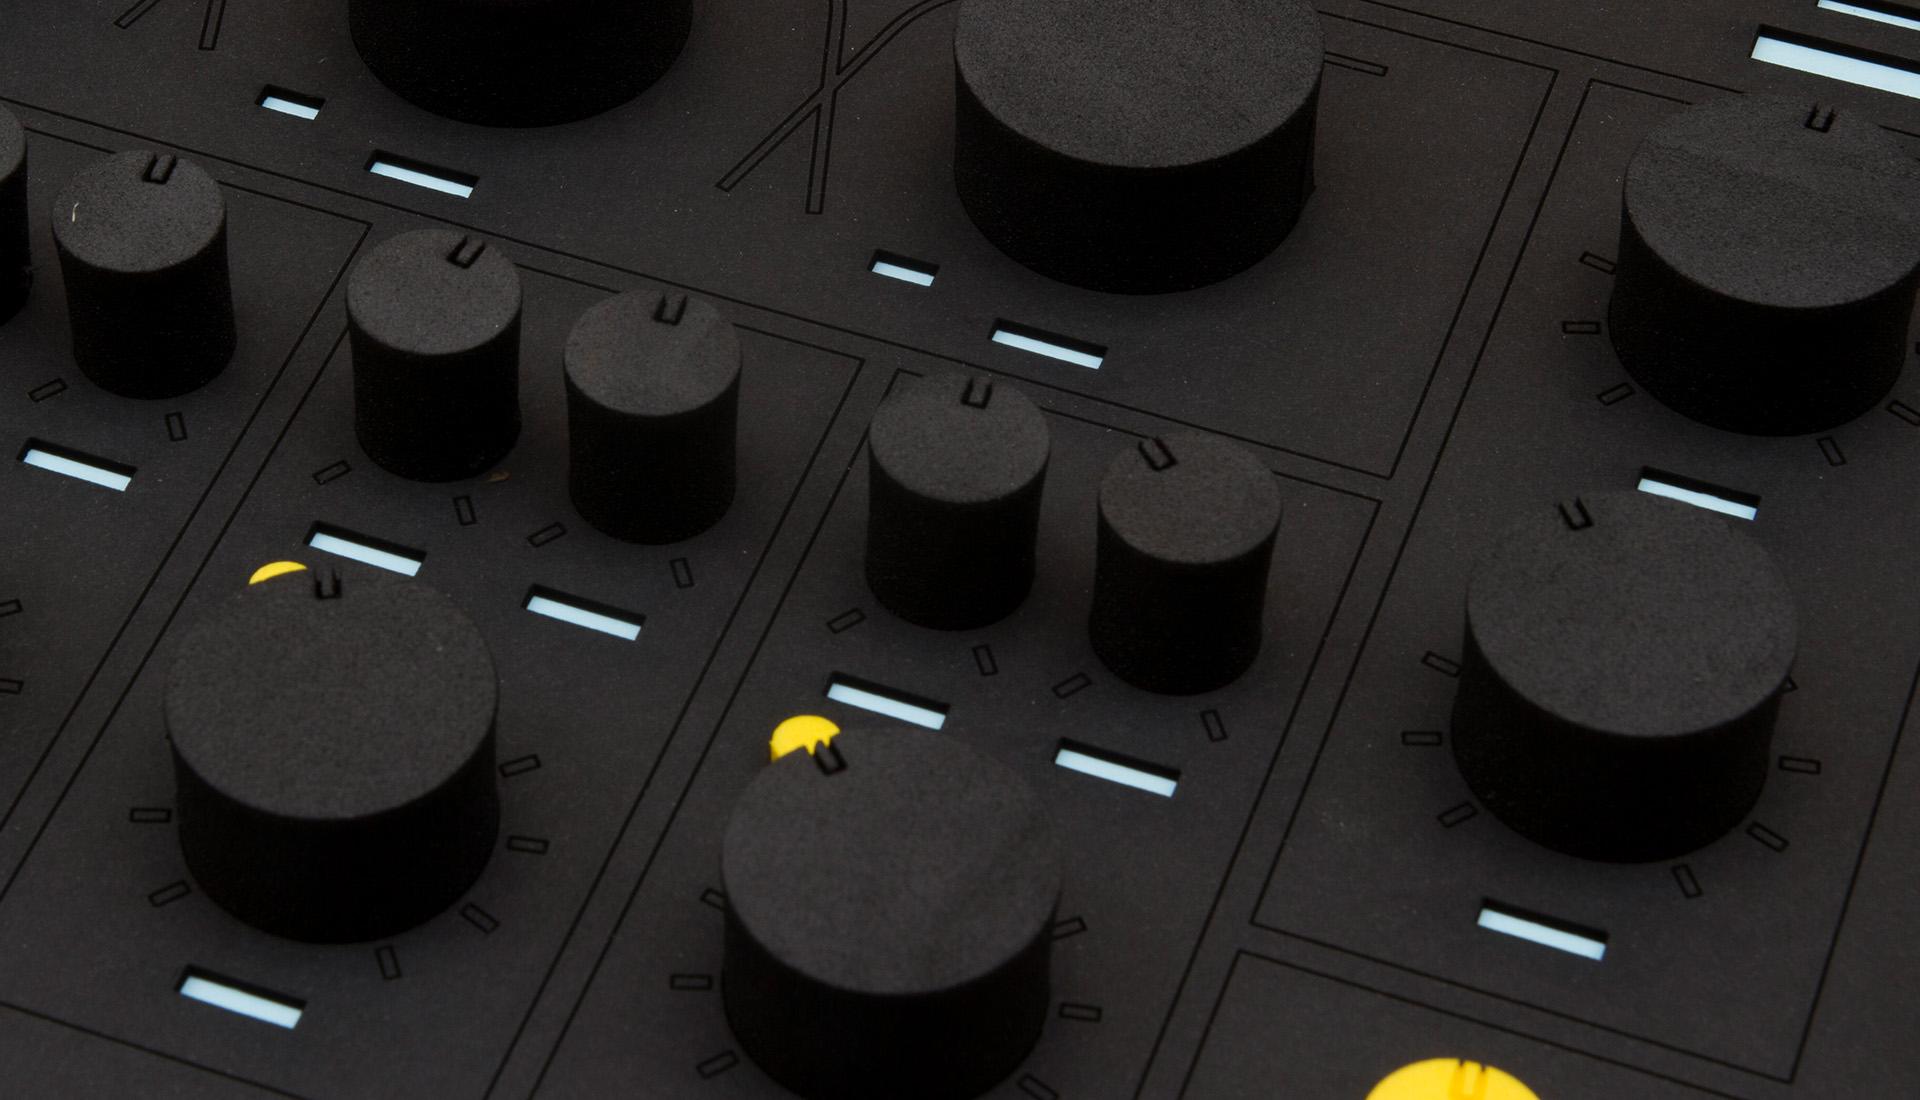 Lerne von Profis<br />alles über das Handwerk<br />eines DJs, Producers<br />oder Sounddesigners